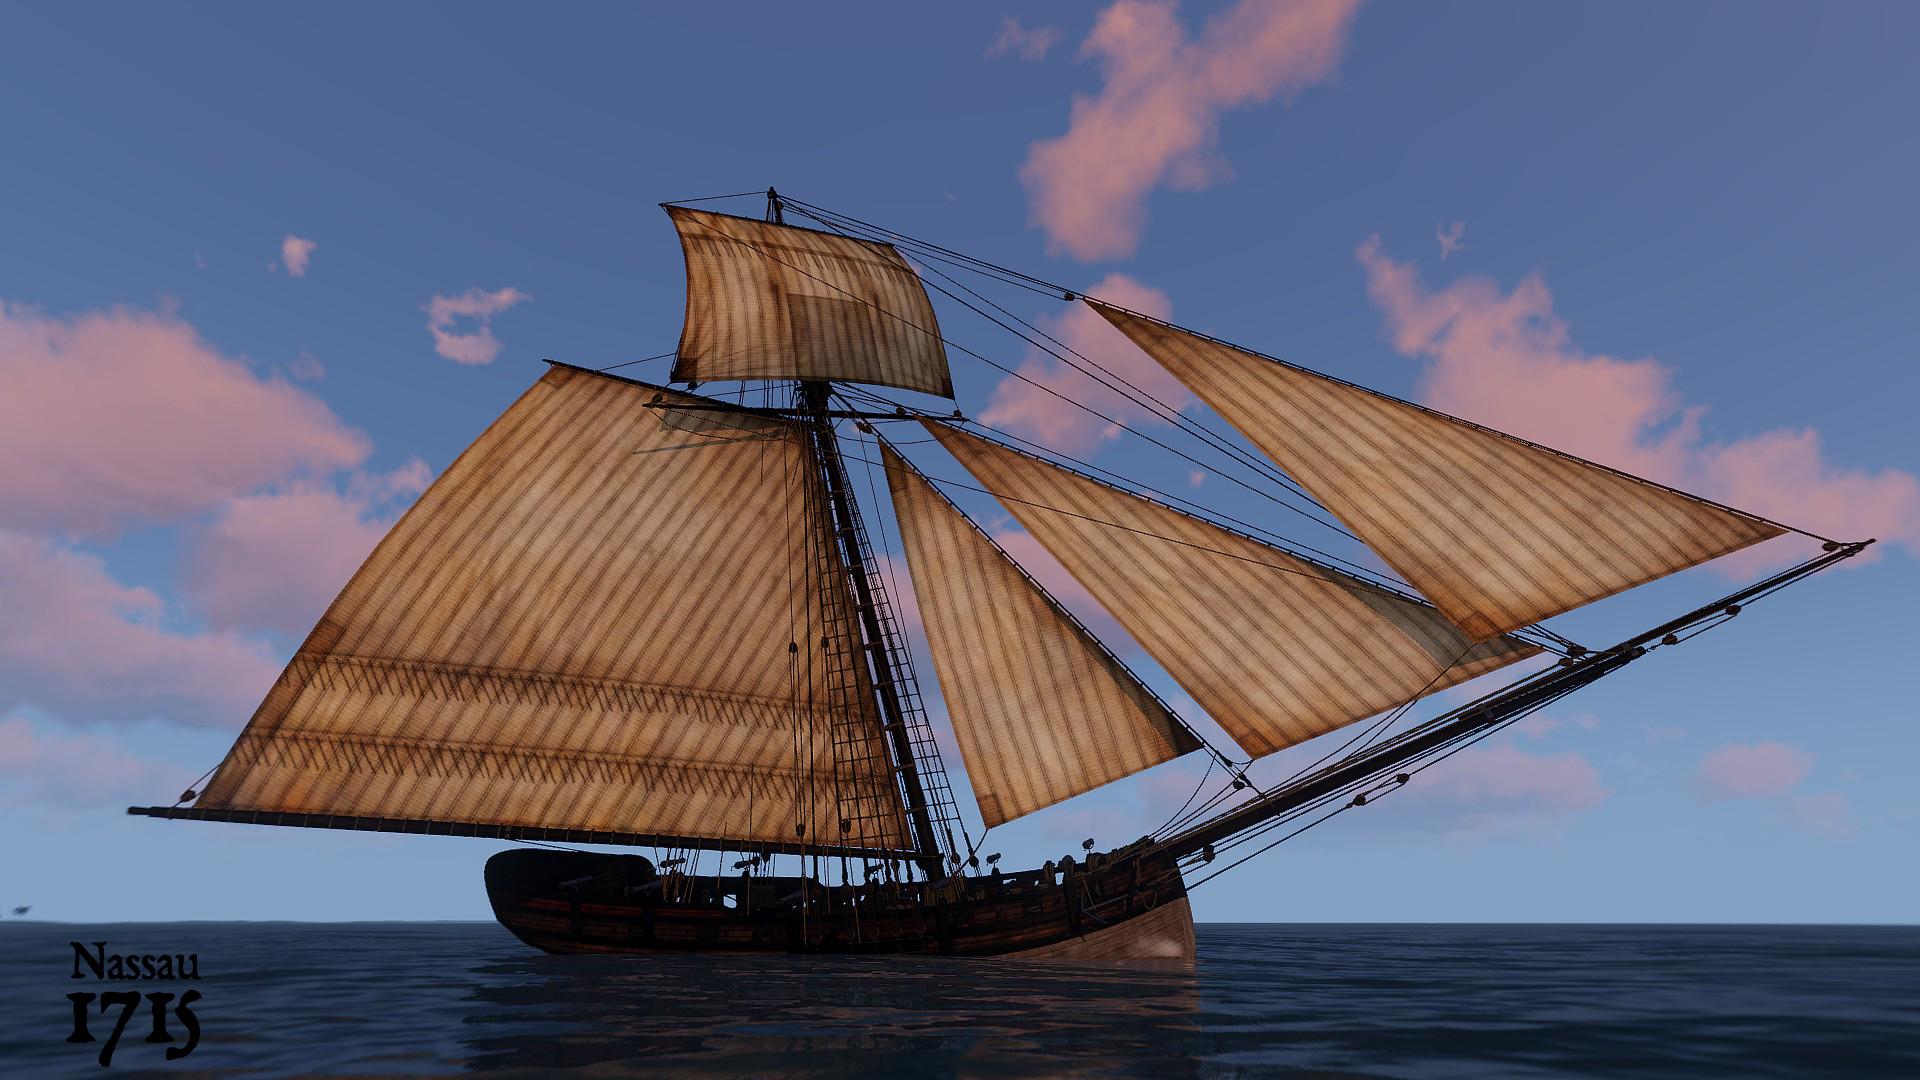 Nassau_1715_sloop.jpg